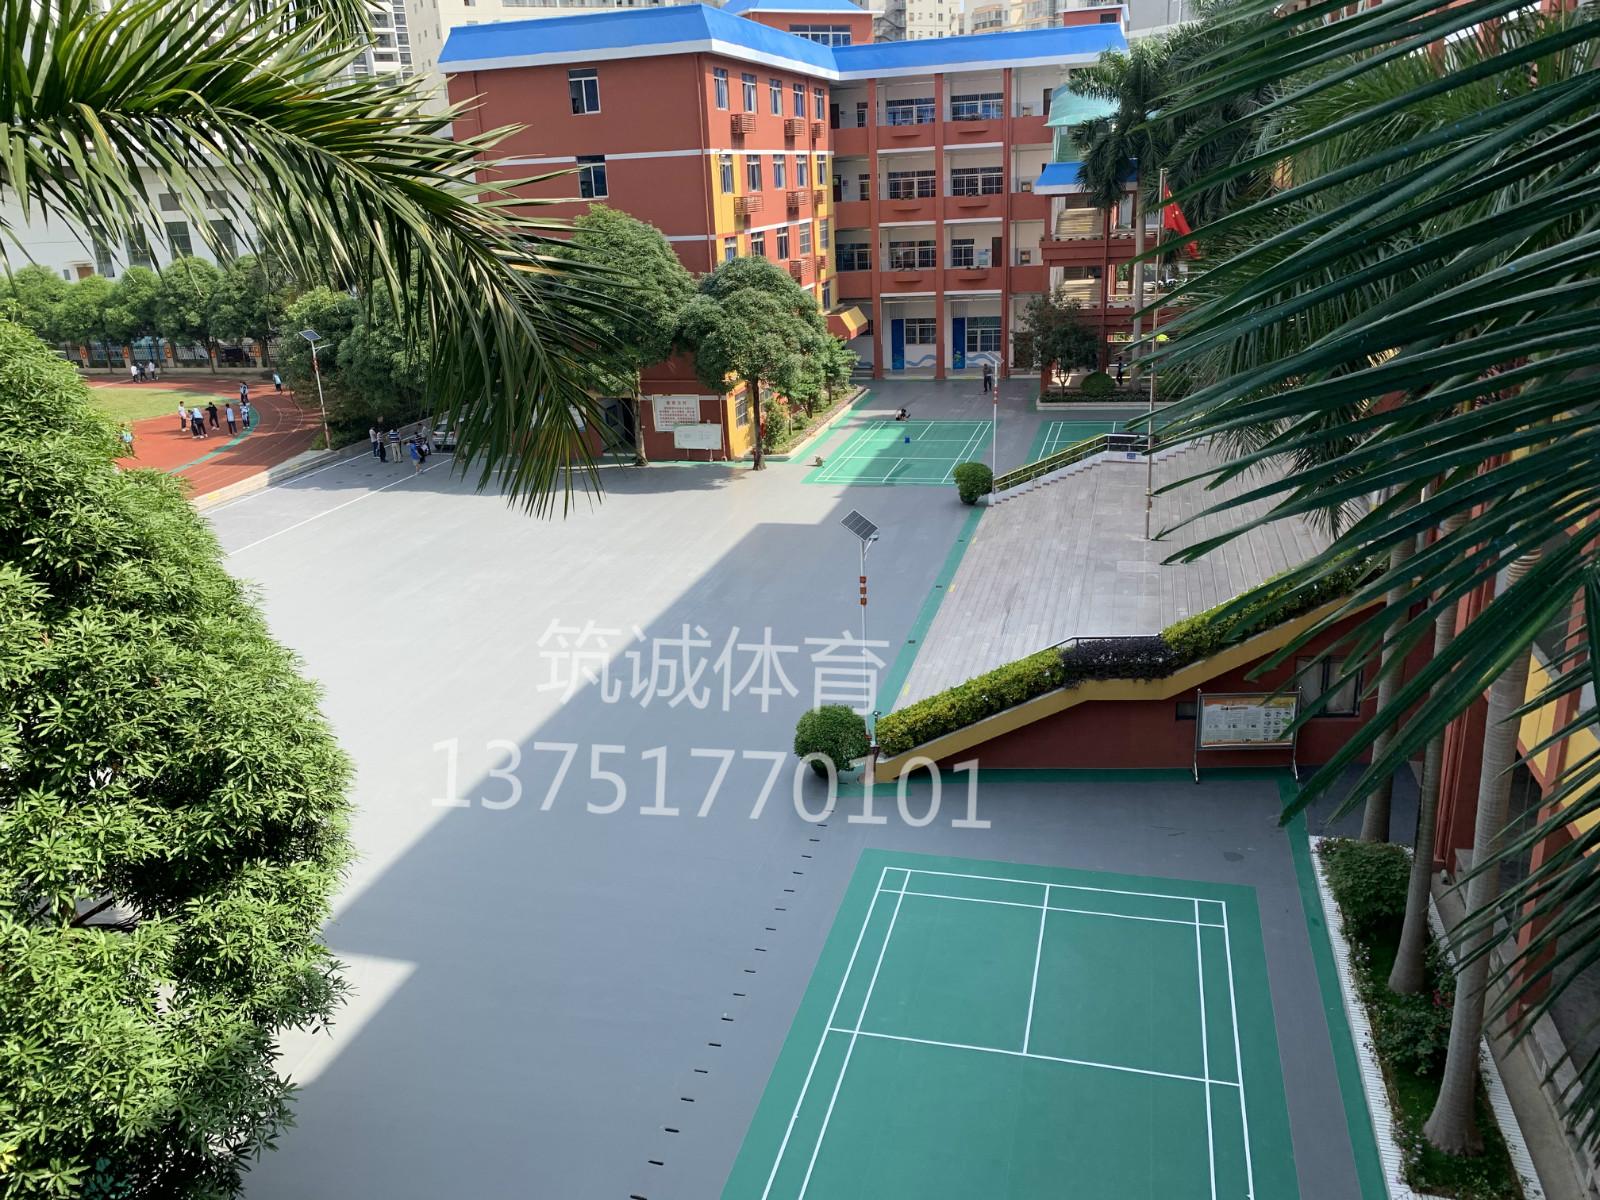 南宁市第二十九中学升旗台前塑胶球场